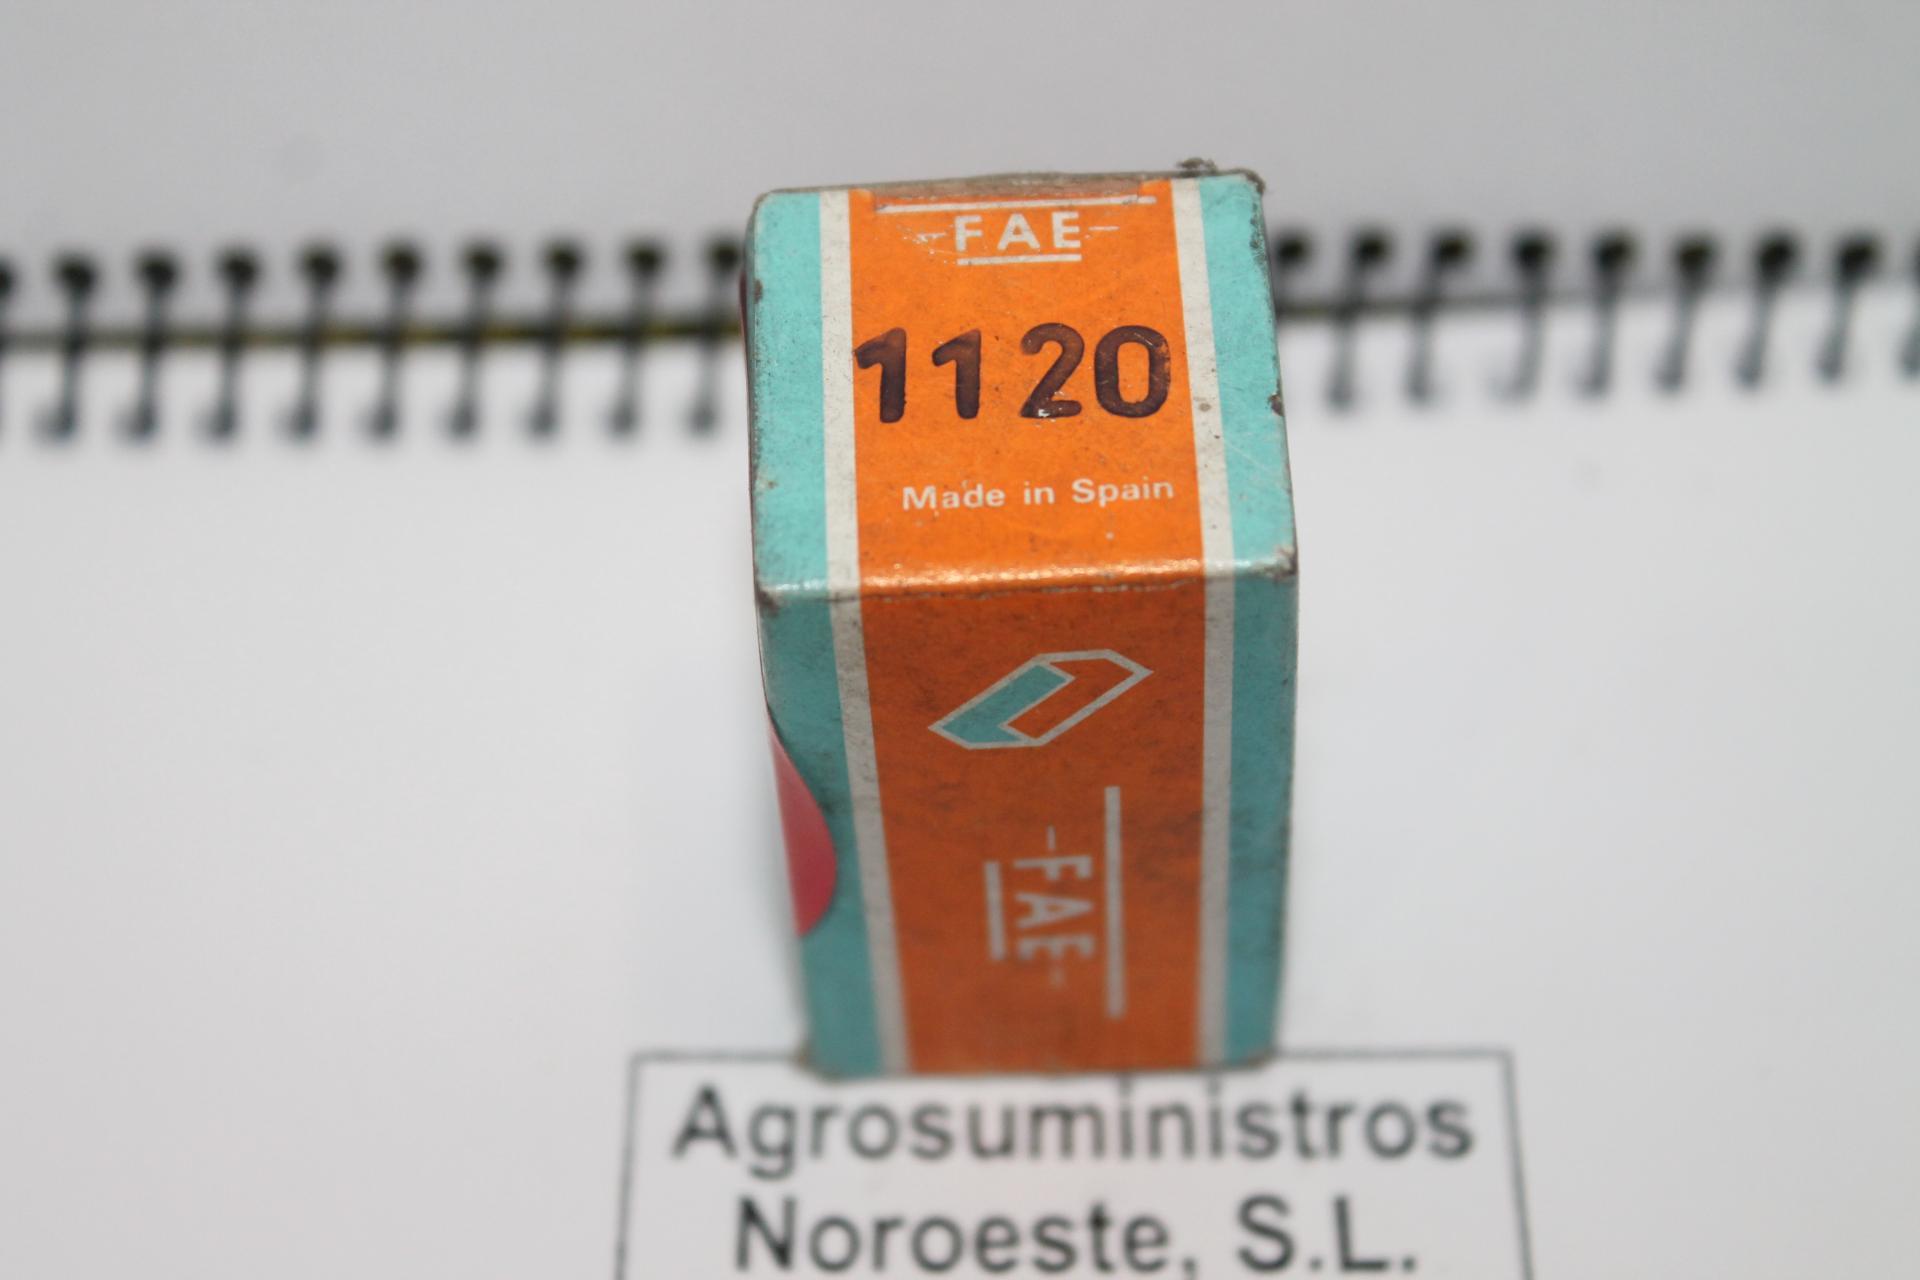 Manocontacto FAE 1120